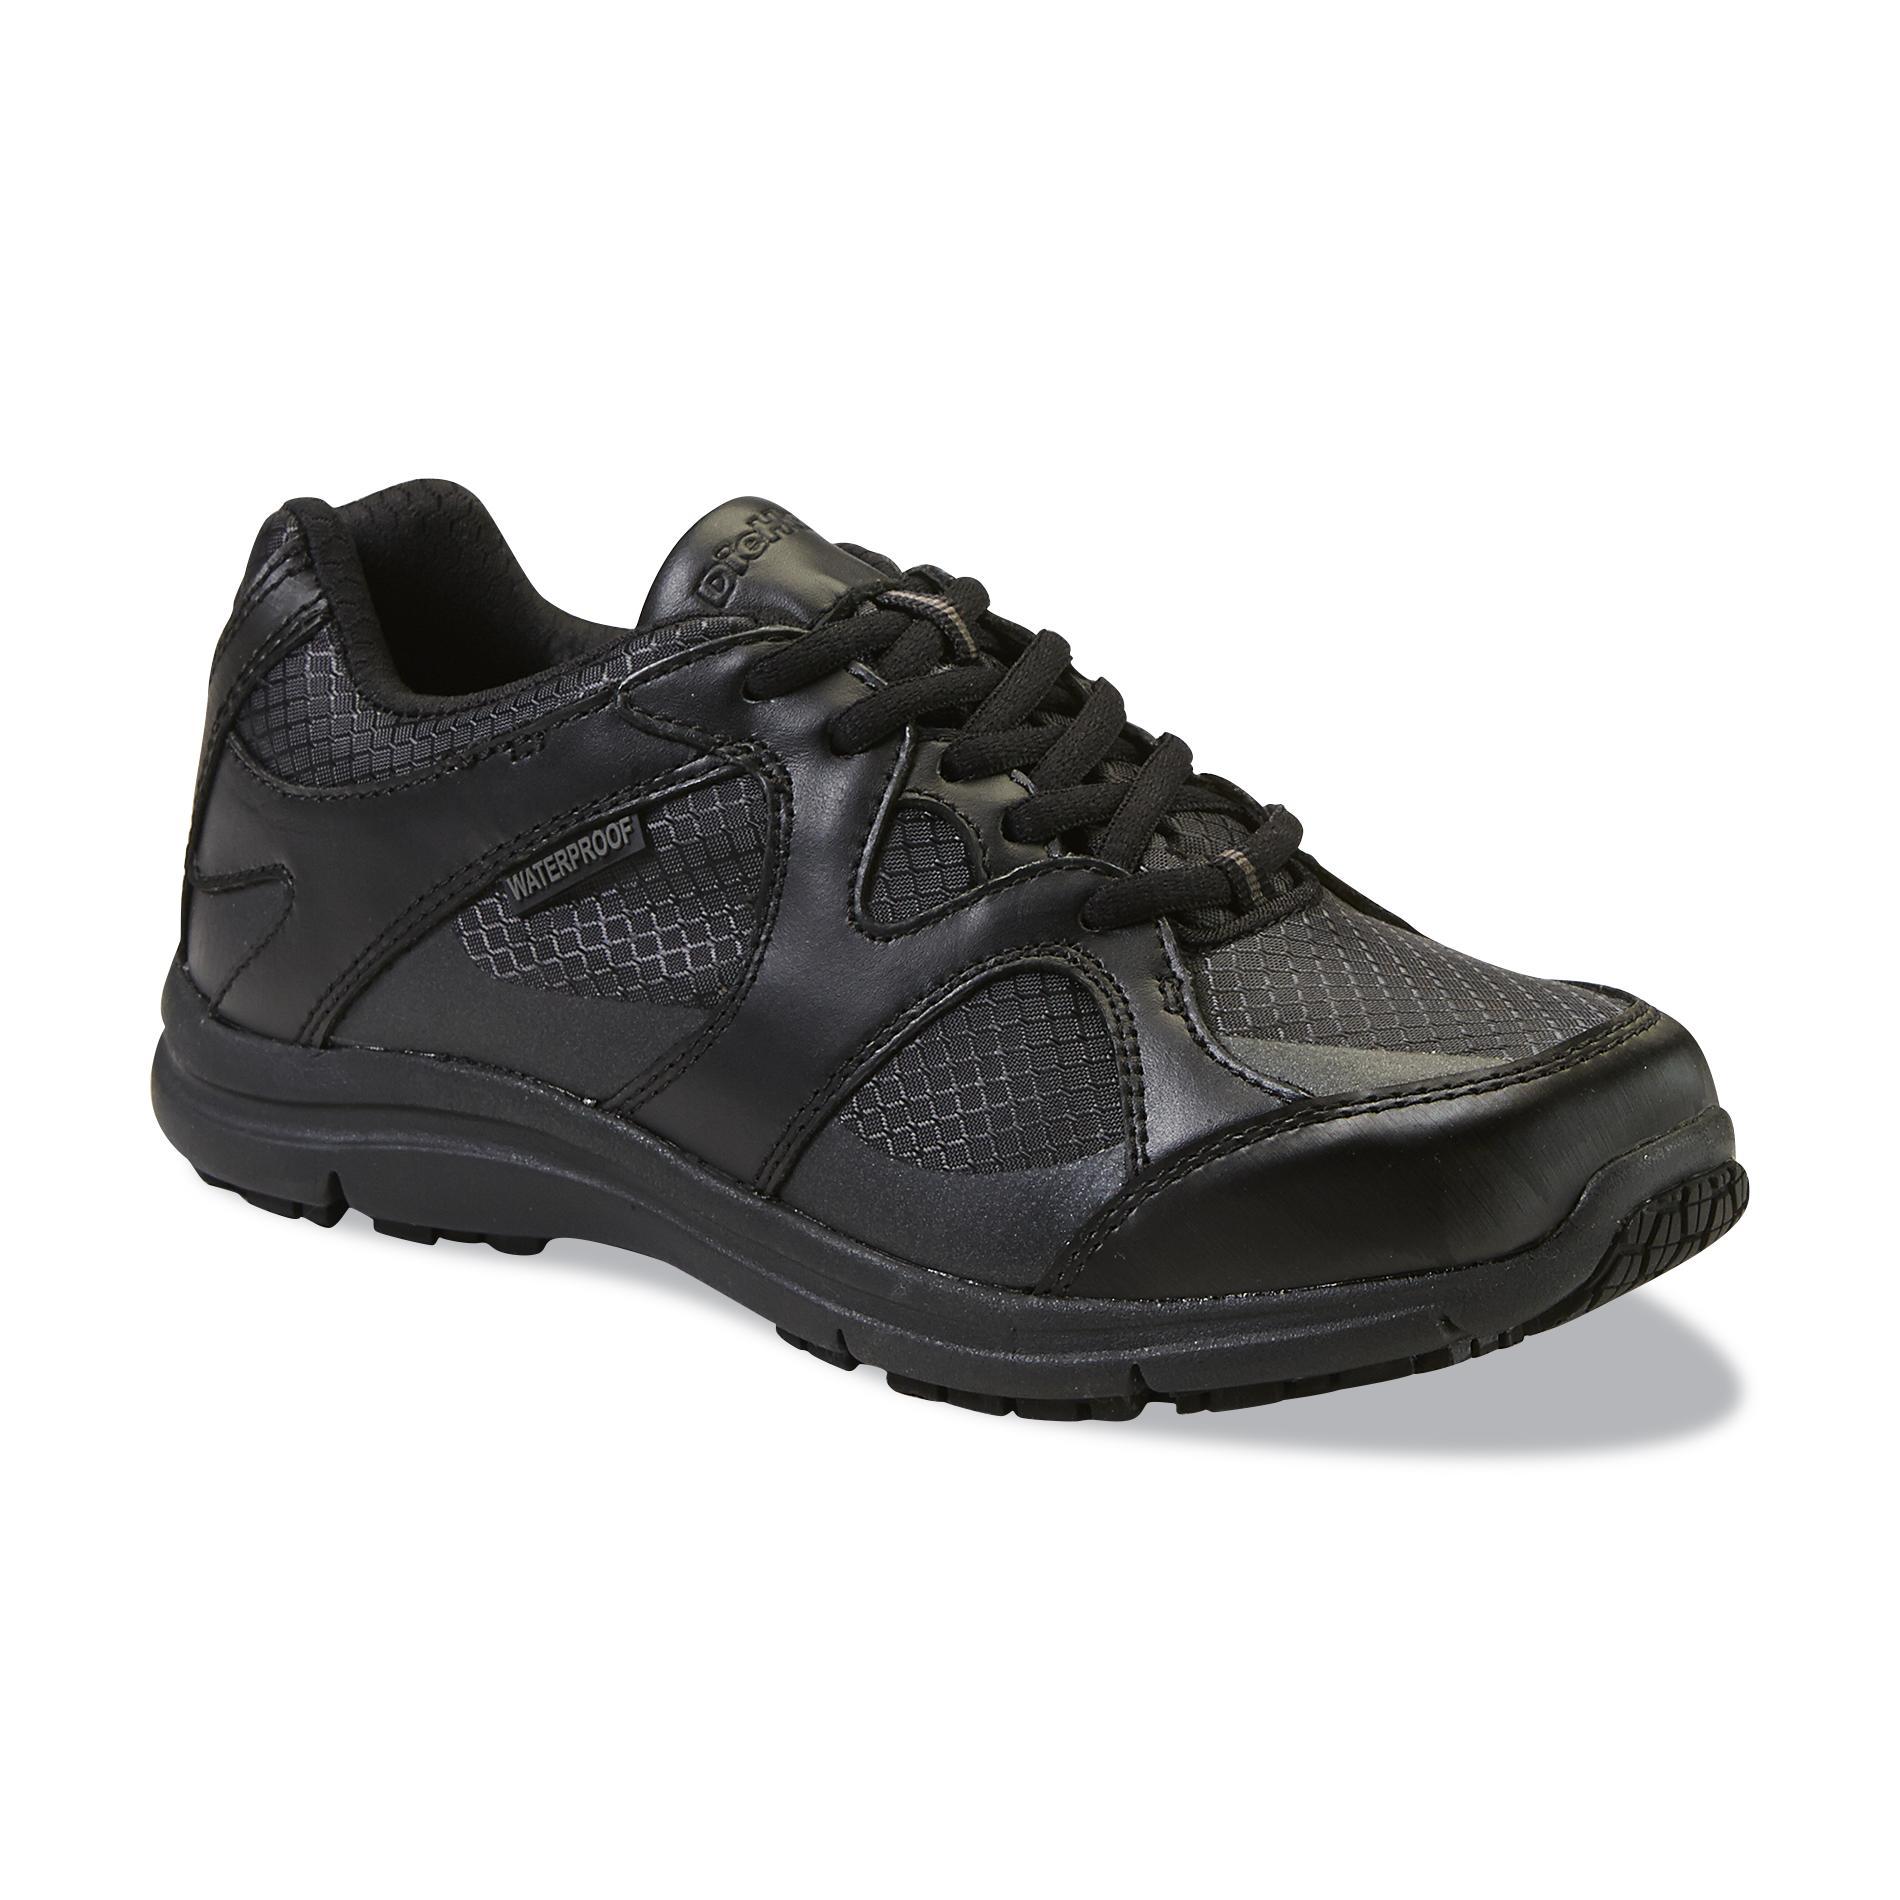 Diehard Women' Chrissie Waterproof Work Shoe - Black